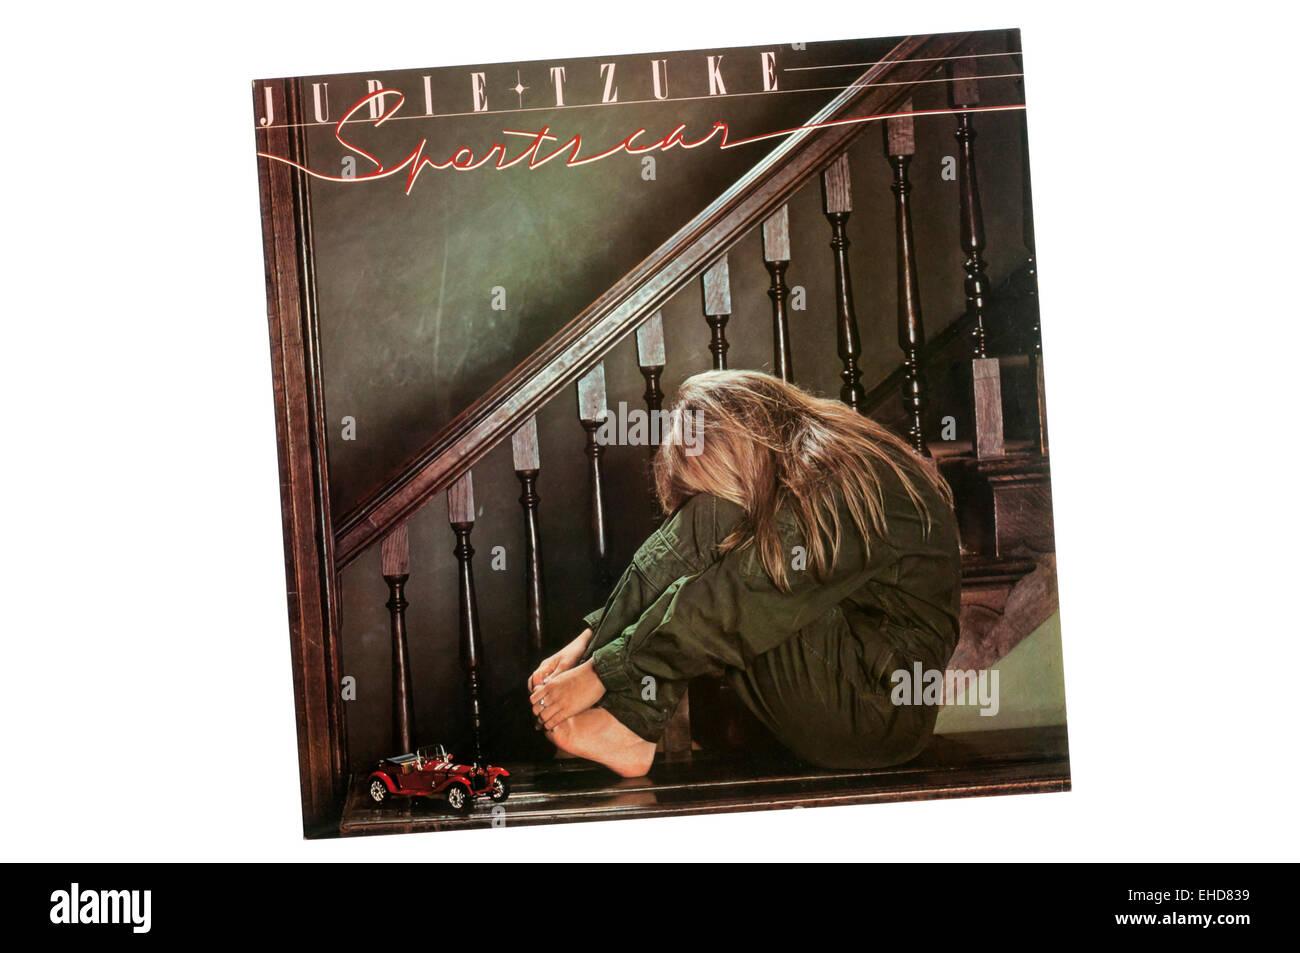 Sportscar war das 2. Album von der britische Singer-Songwriterin Judie Tzukes, veröffentlicht im Jahr 1980. Stockbild